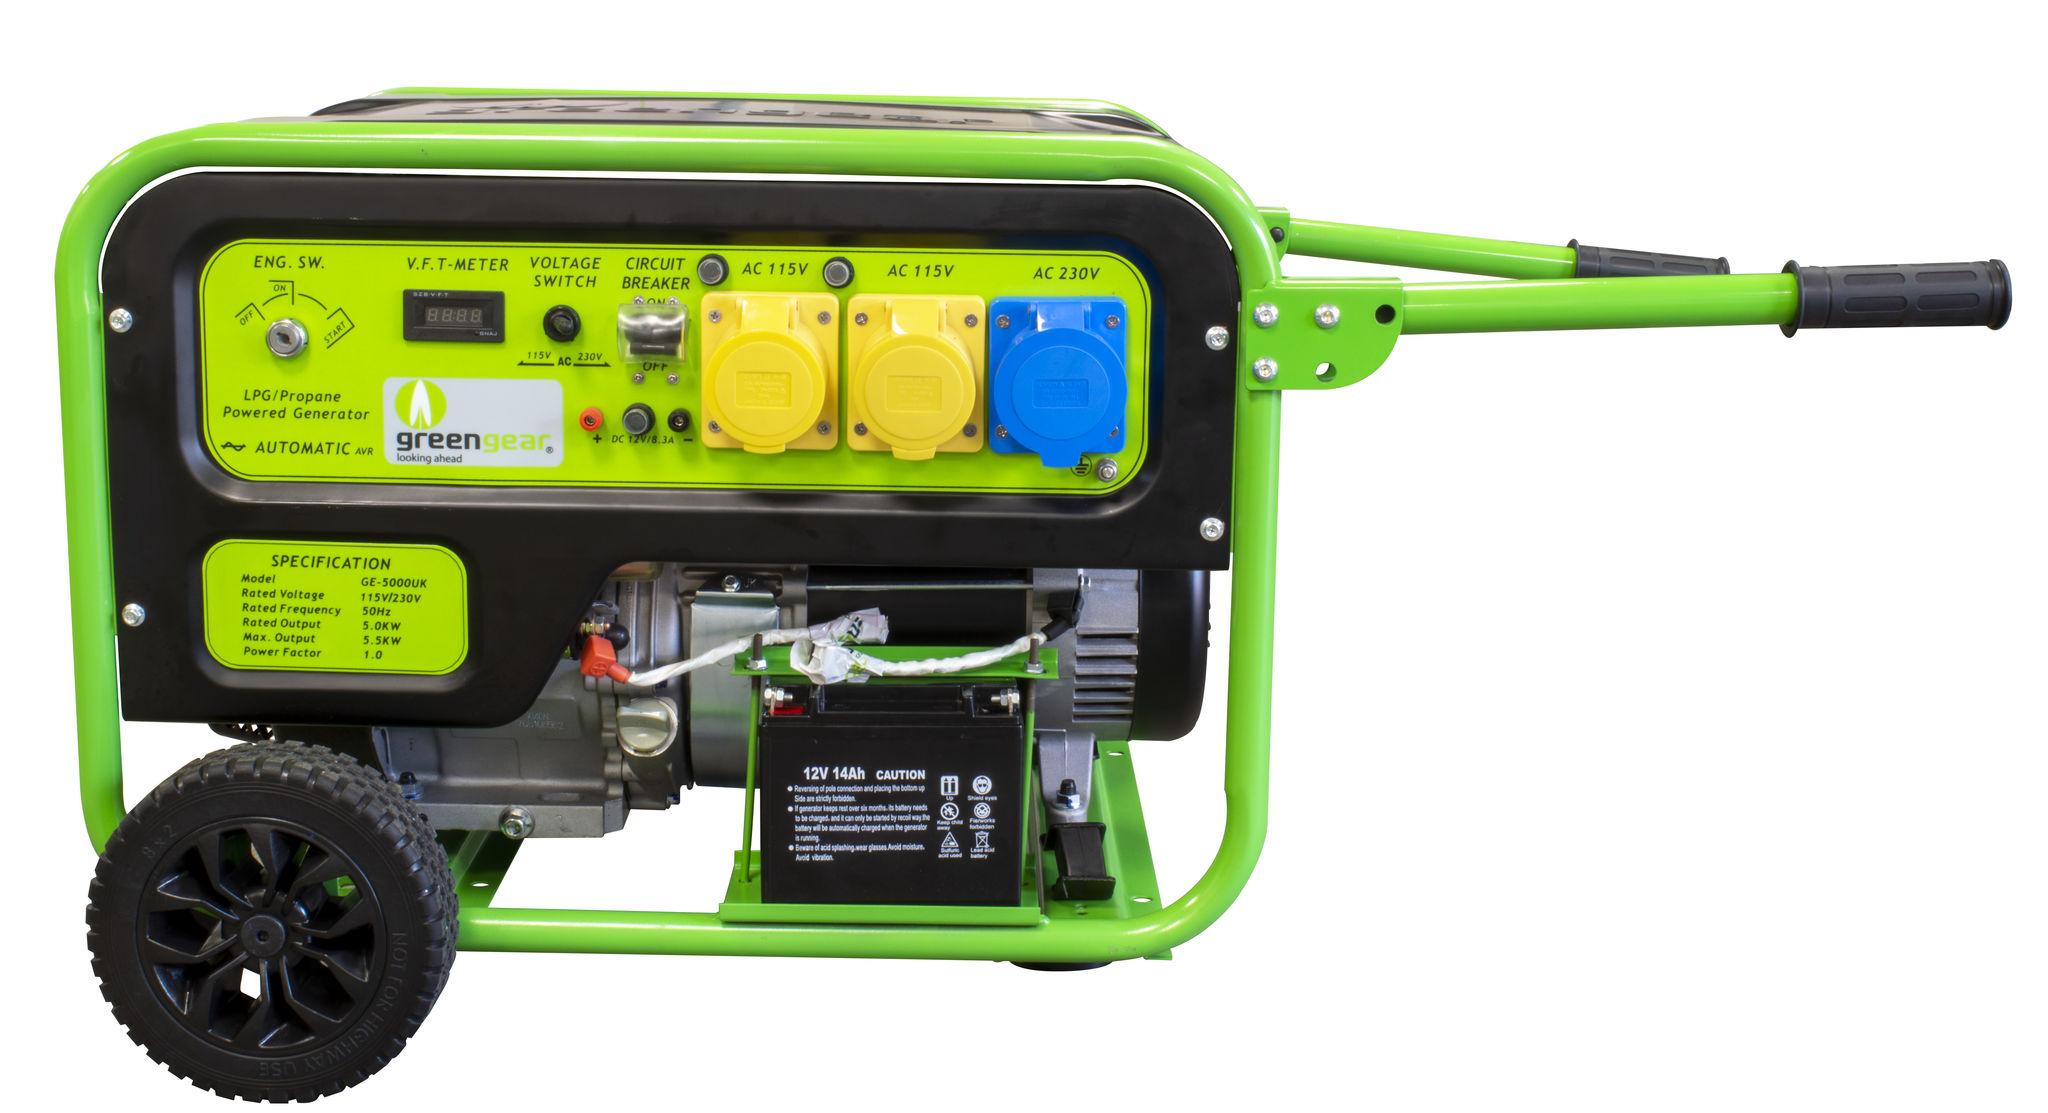 5kW Generator